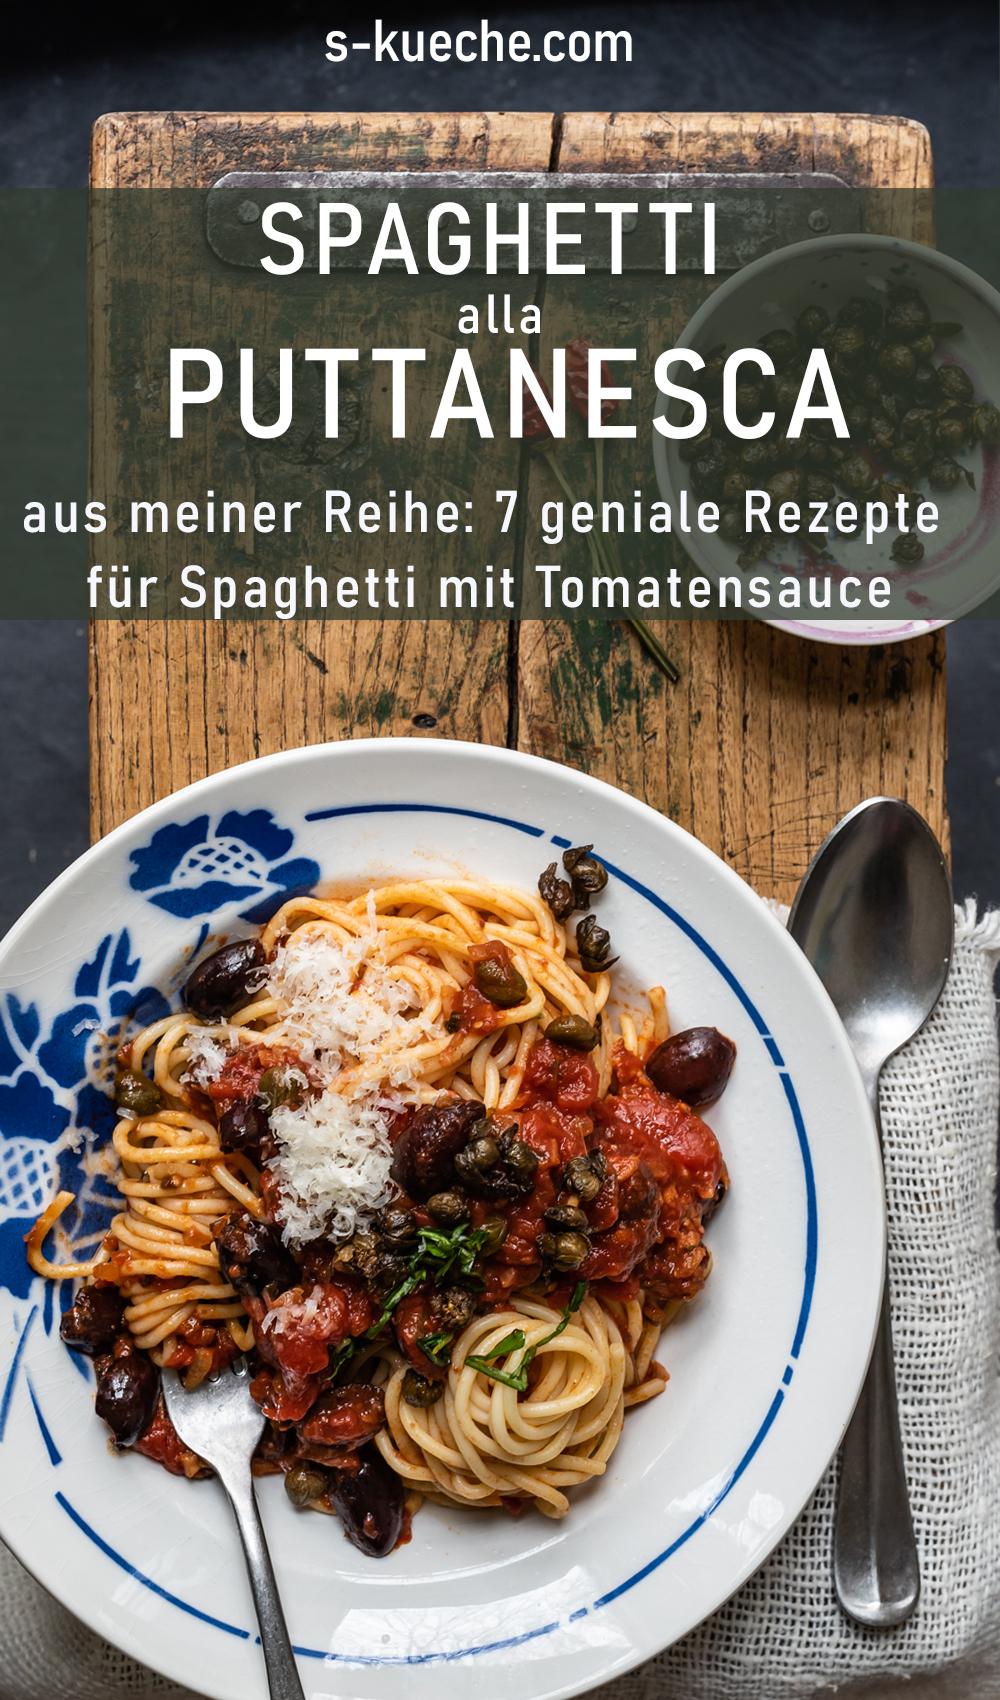 Spaghetti alla Puttanesca - 7 Tage - 7 geniale Rezepte für Spaghetti mit Tomatensauce